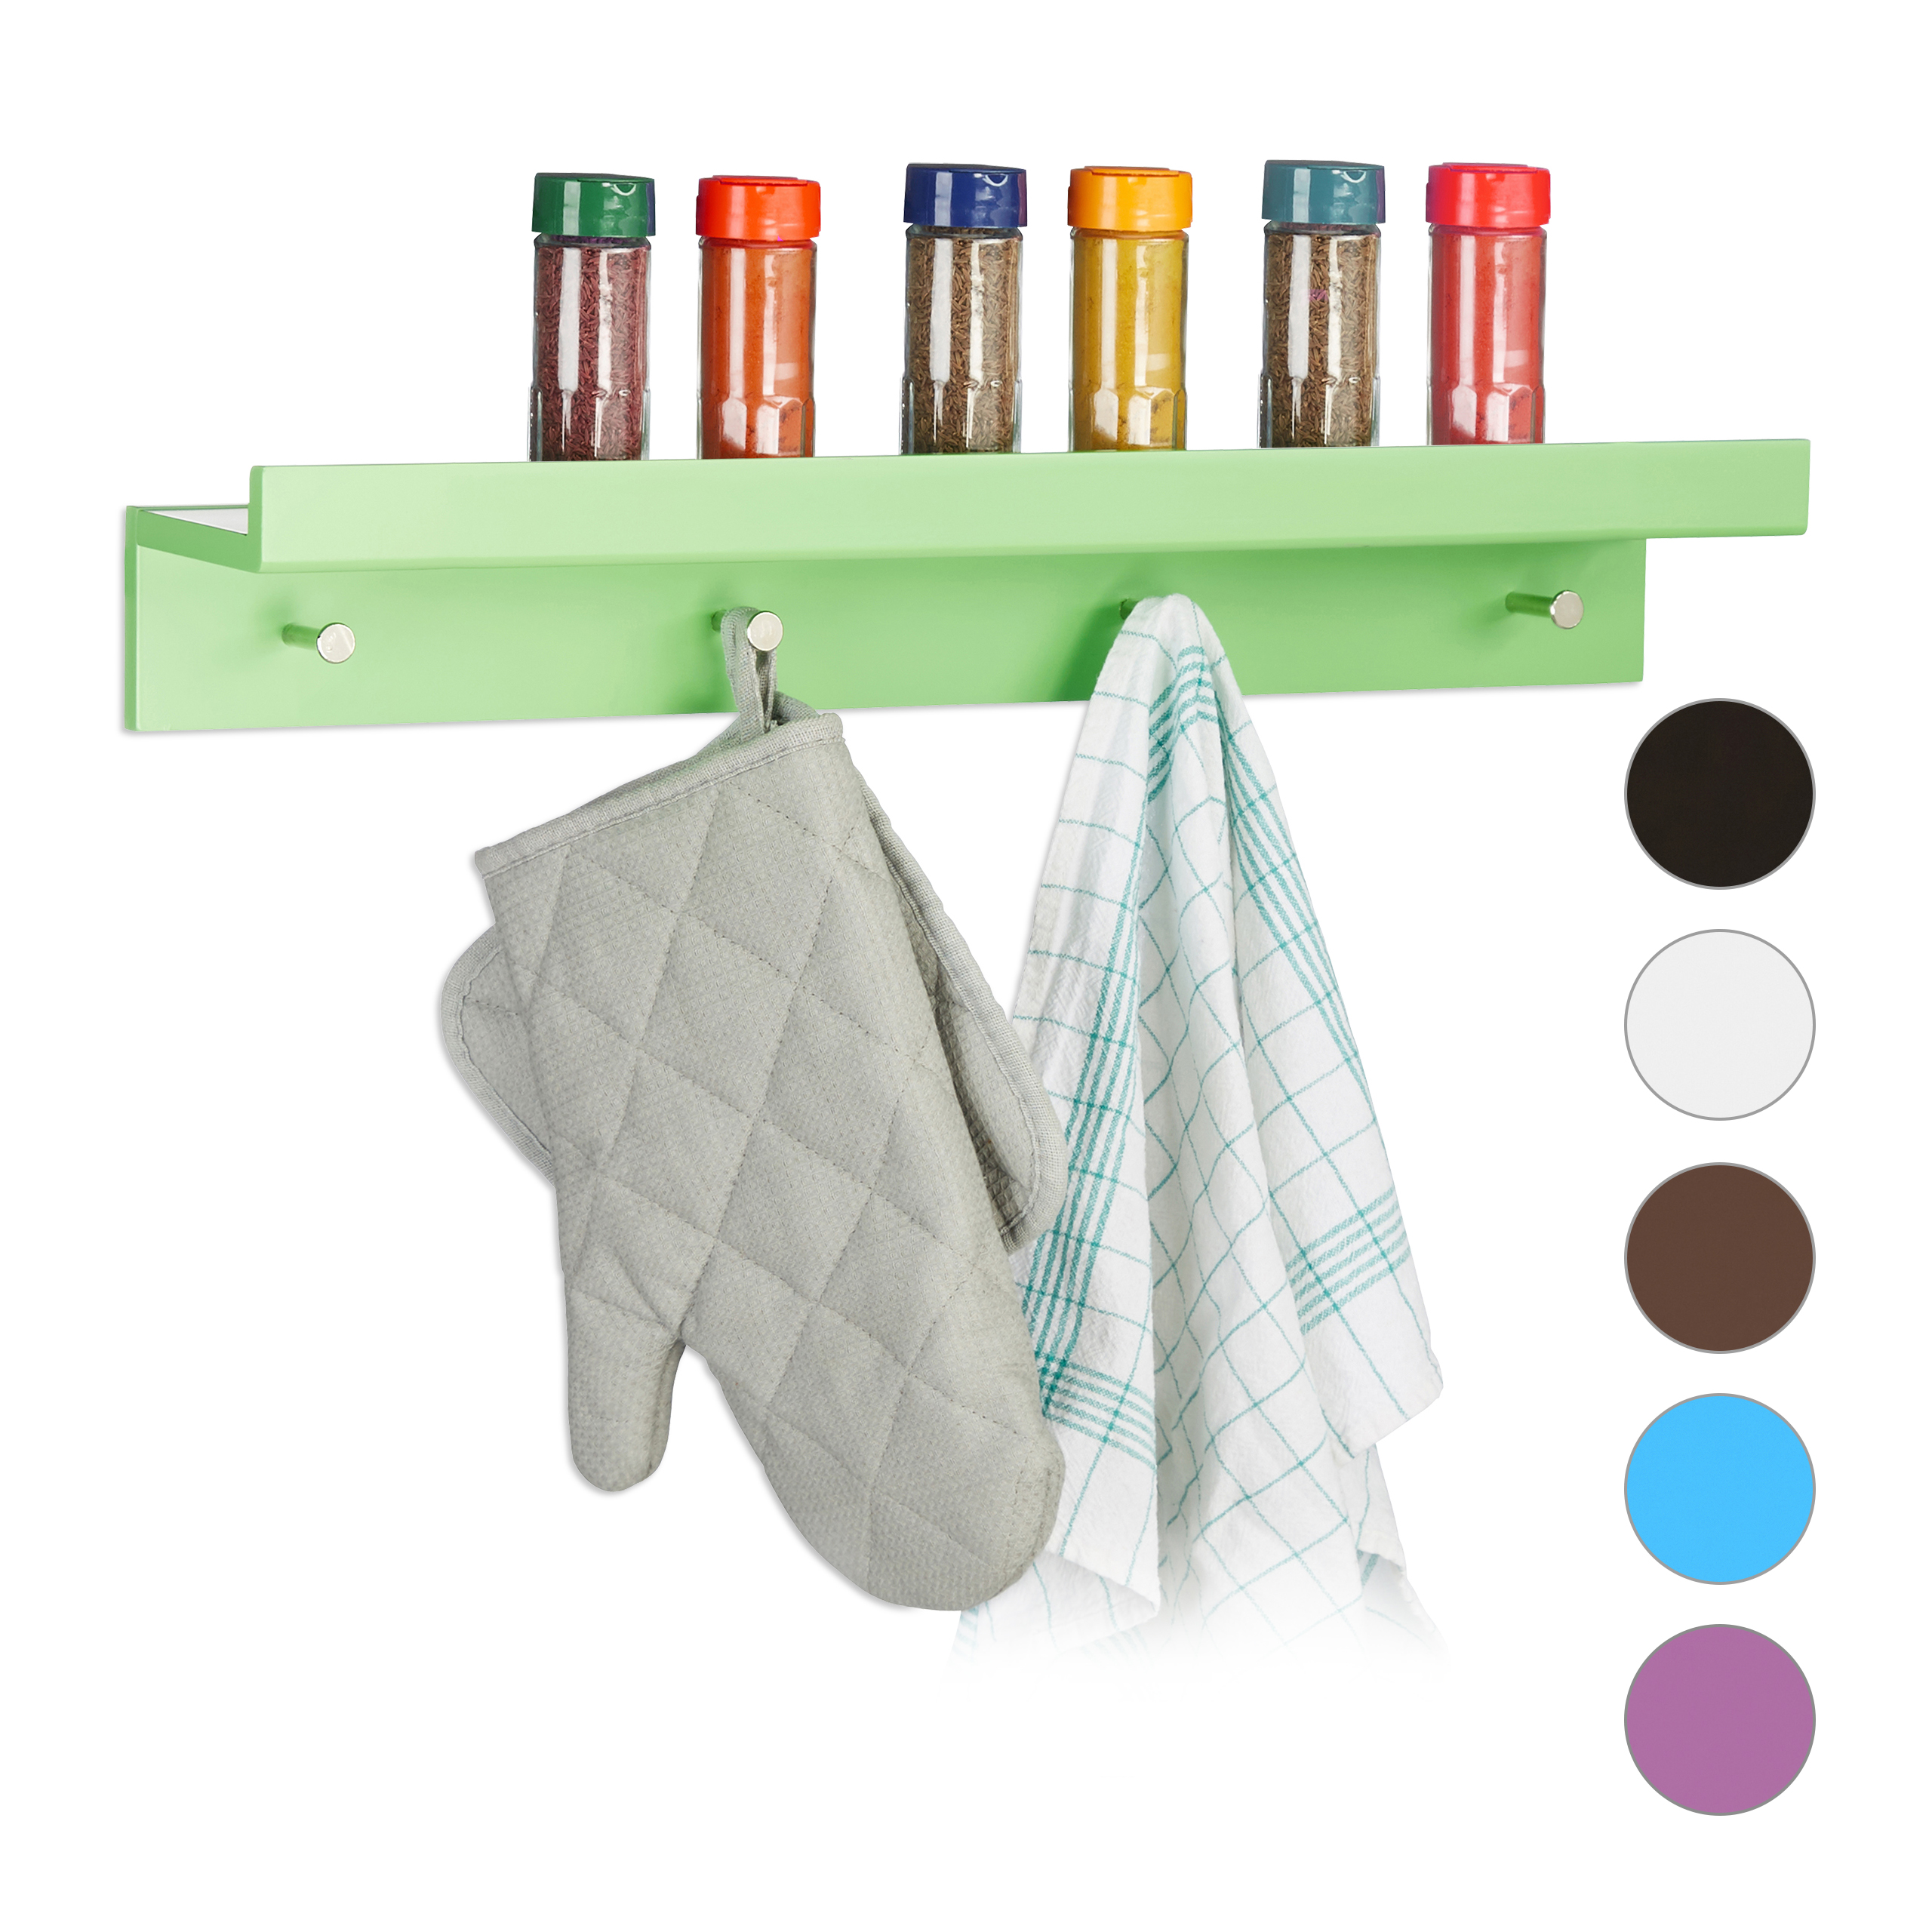 Détails sur Patère murale étagère porte-manteaux tablette rangement crochet  tablette clés